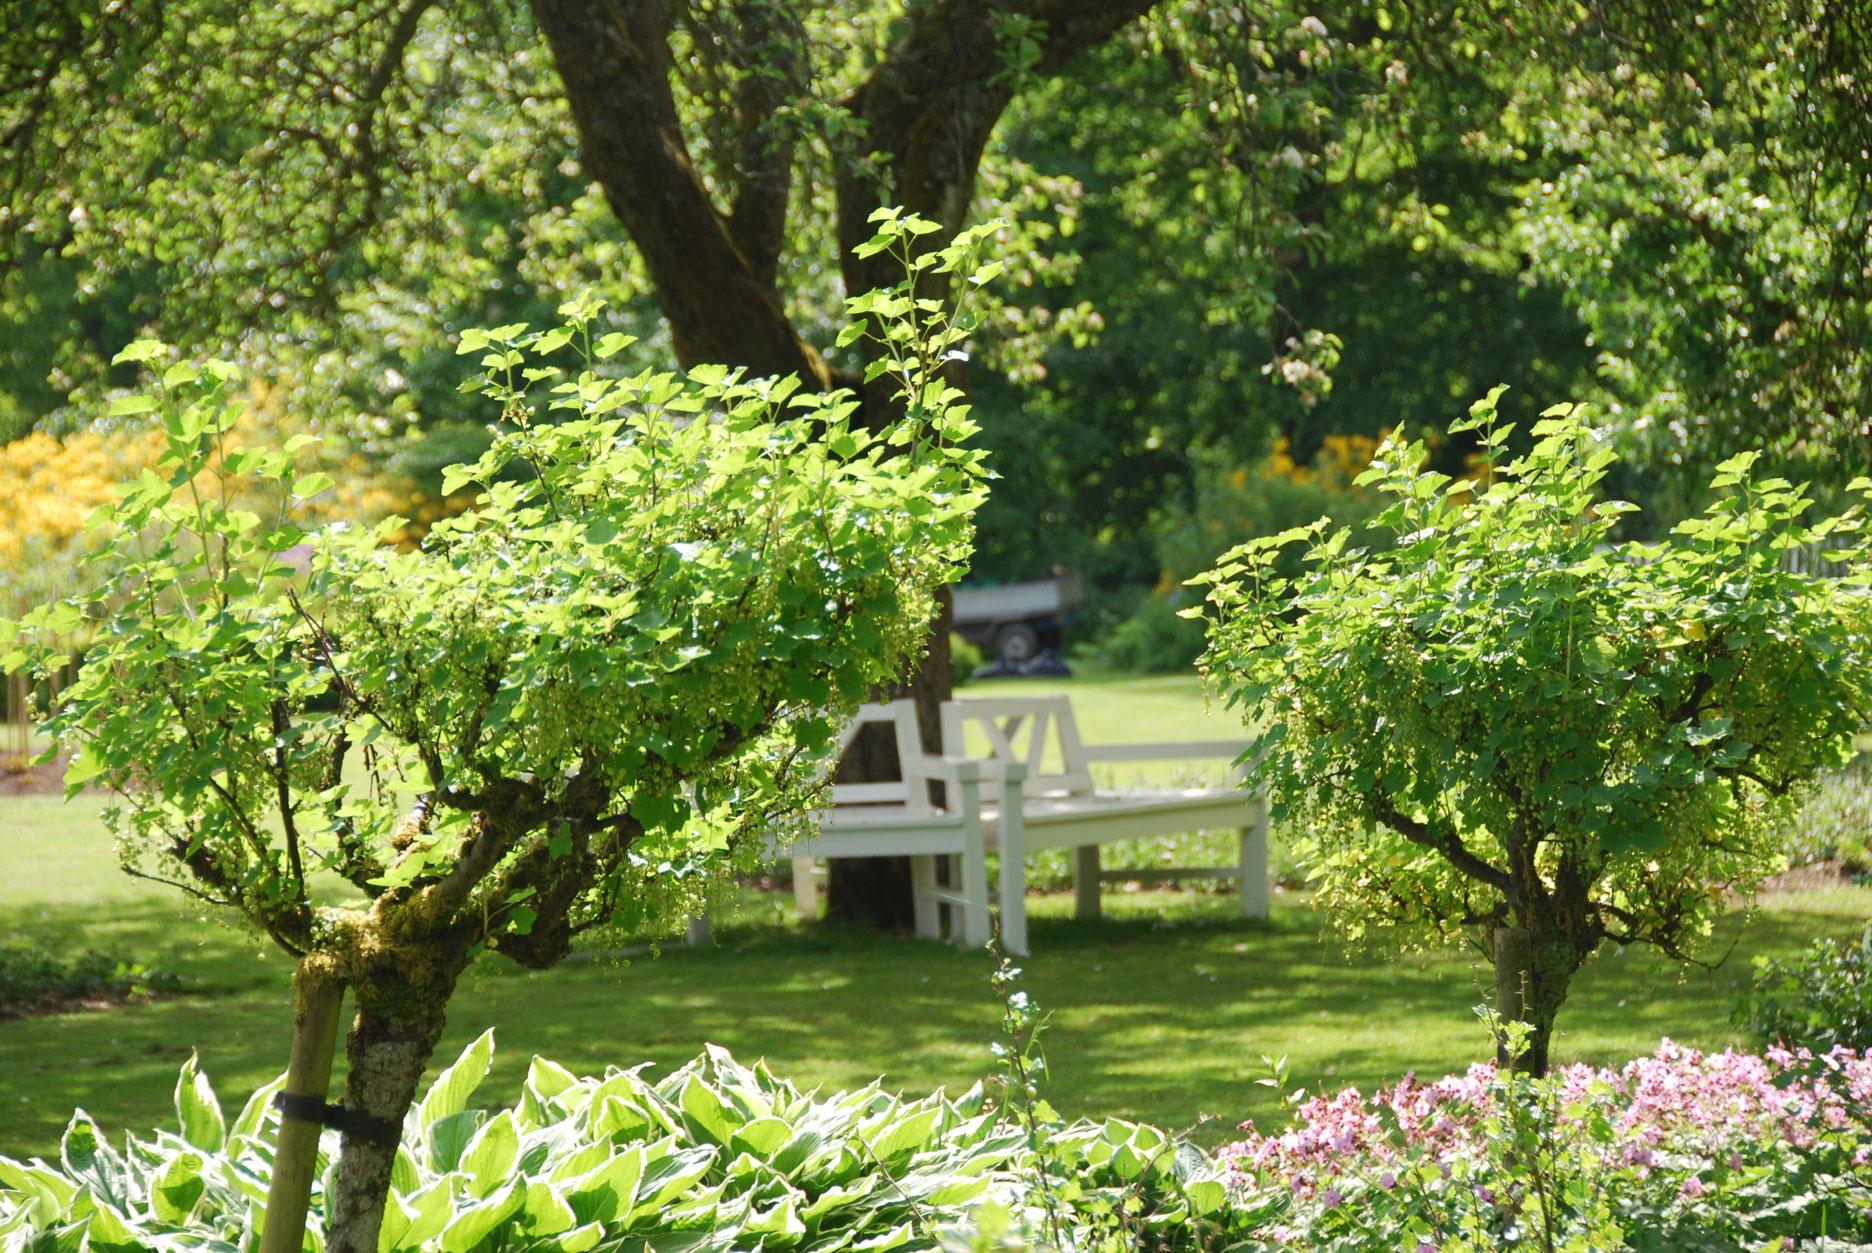 alberi-da-giardino-sempreverdi-sonia-santella-01living-corriere